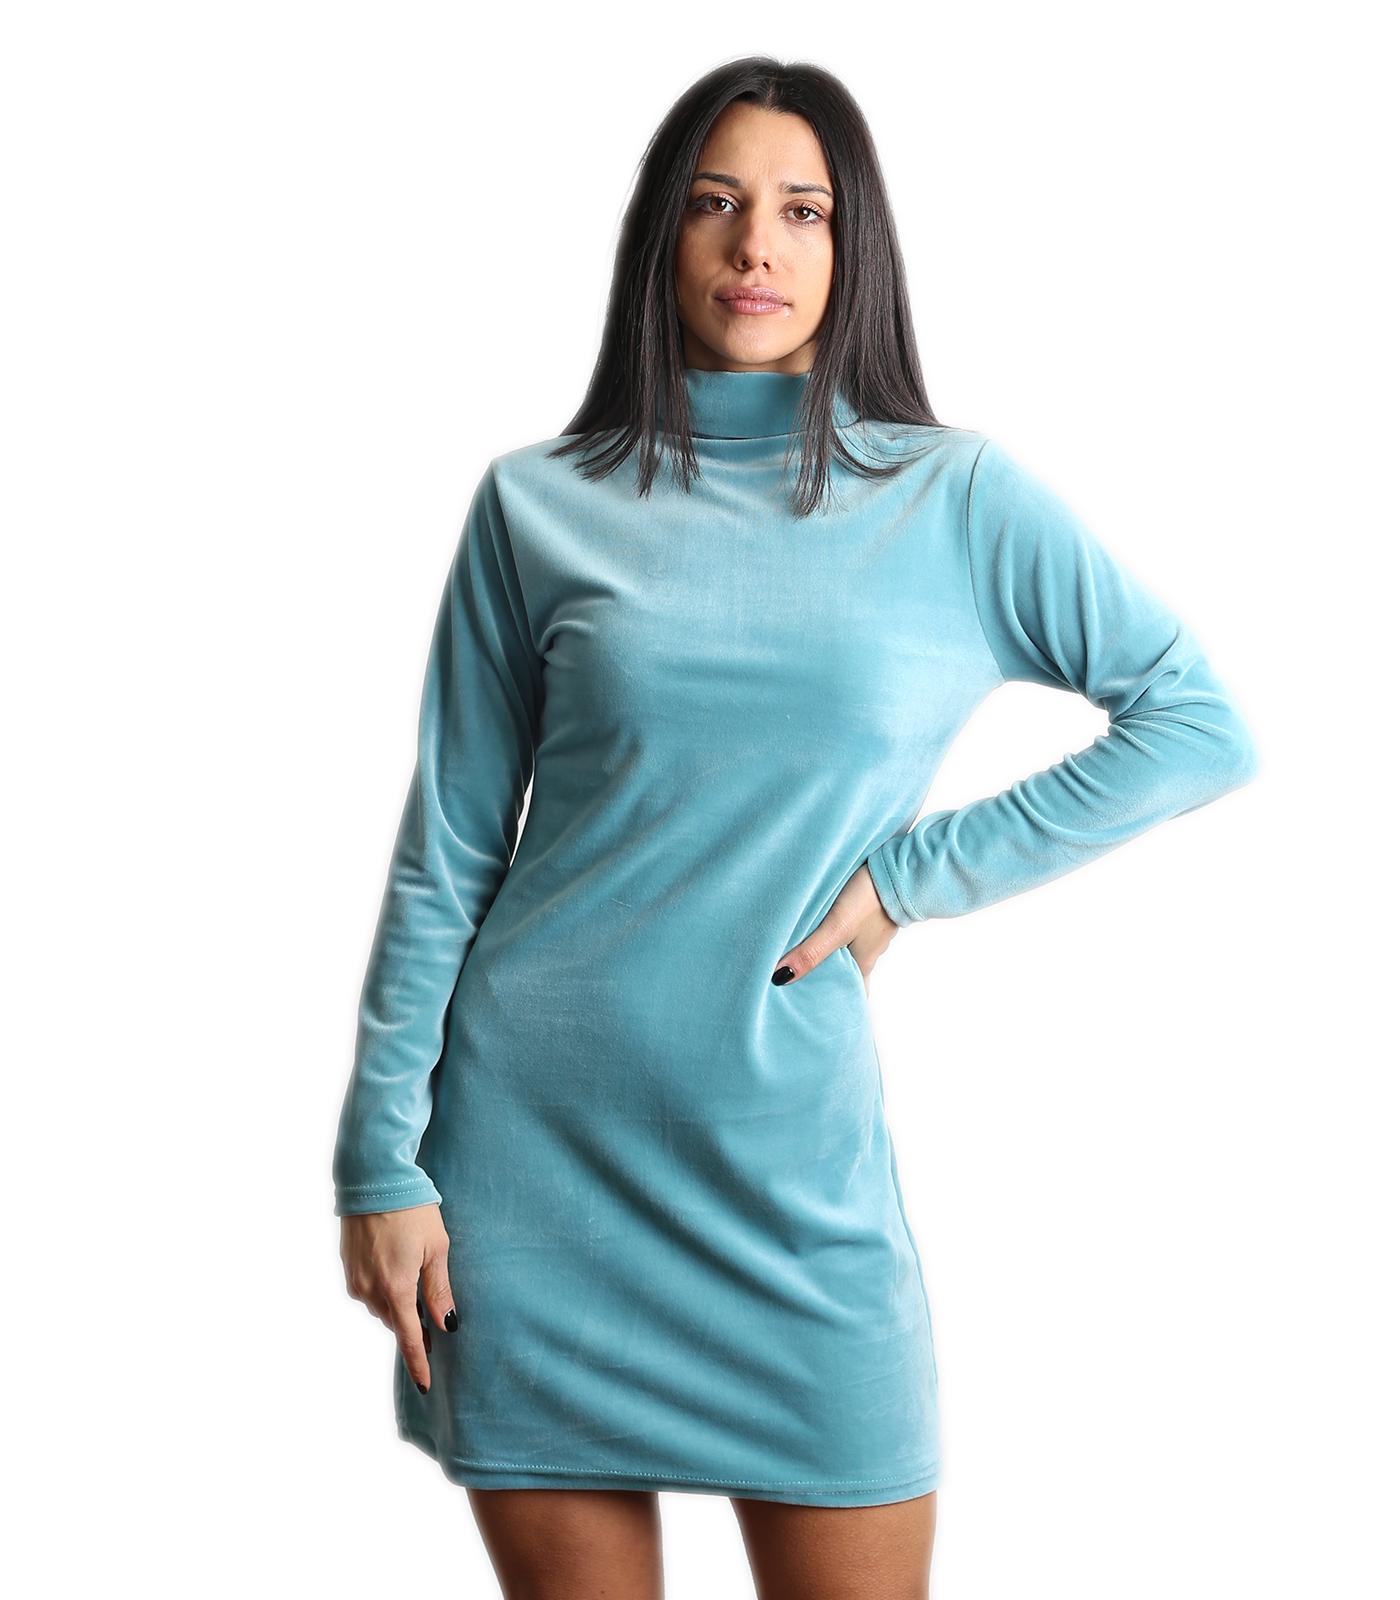 Βελούδινο μίνι φόρεμα ζιβάγκο (Βεραμάν)